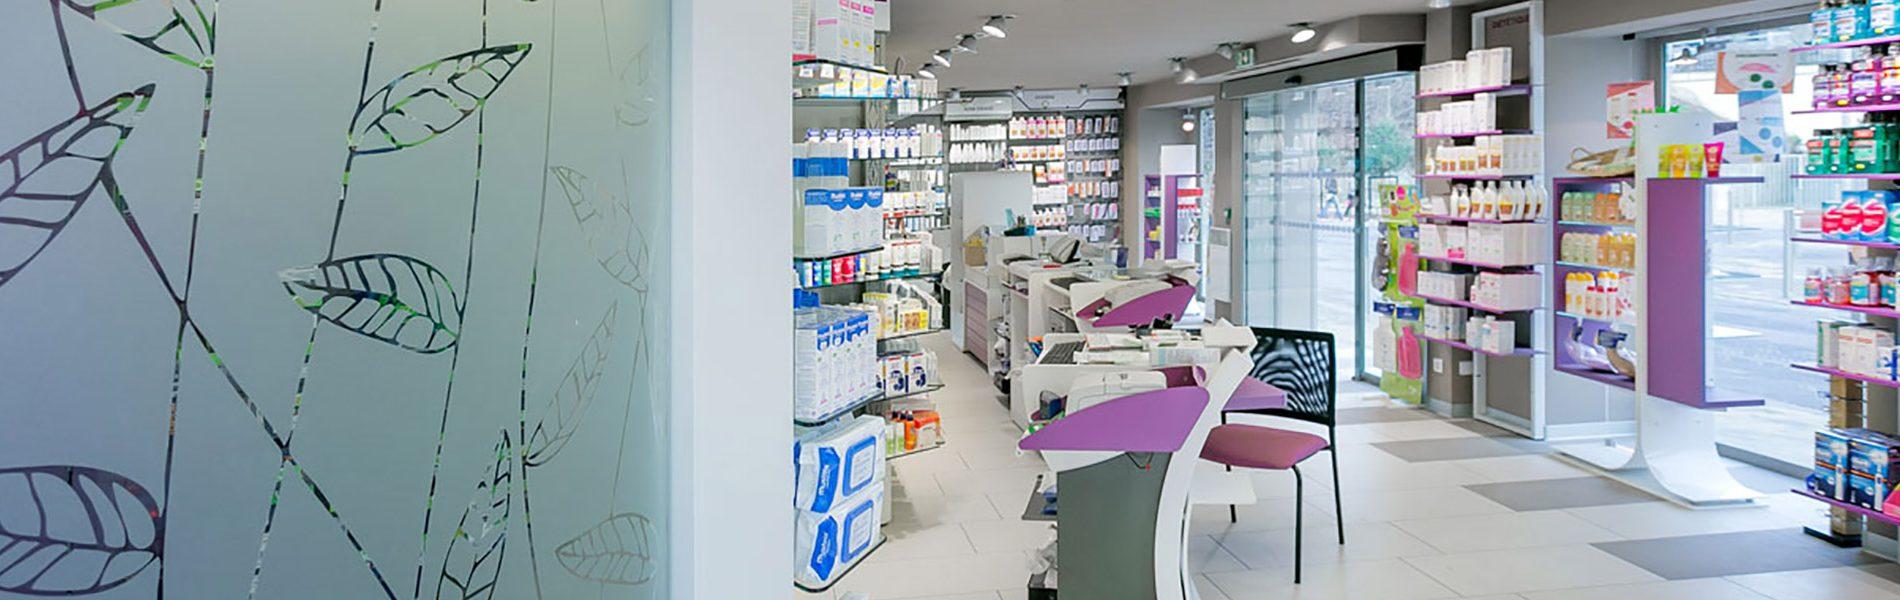 Pharmacie DU STADE - Image Homepage 3